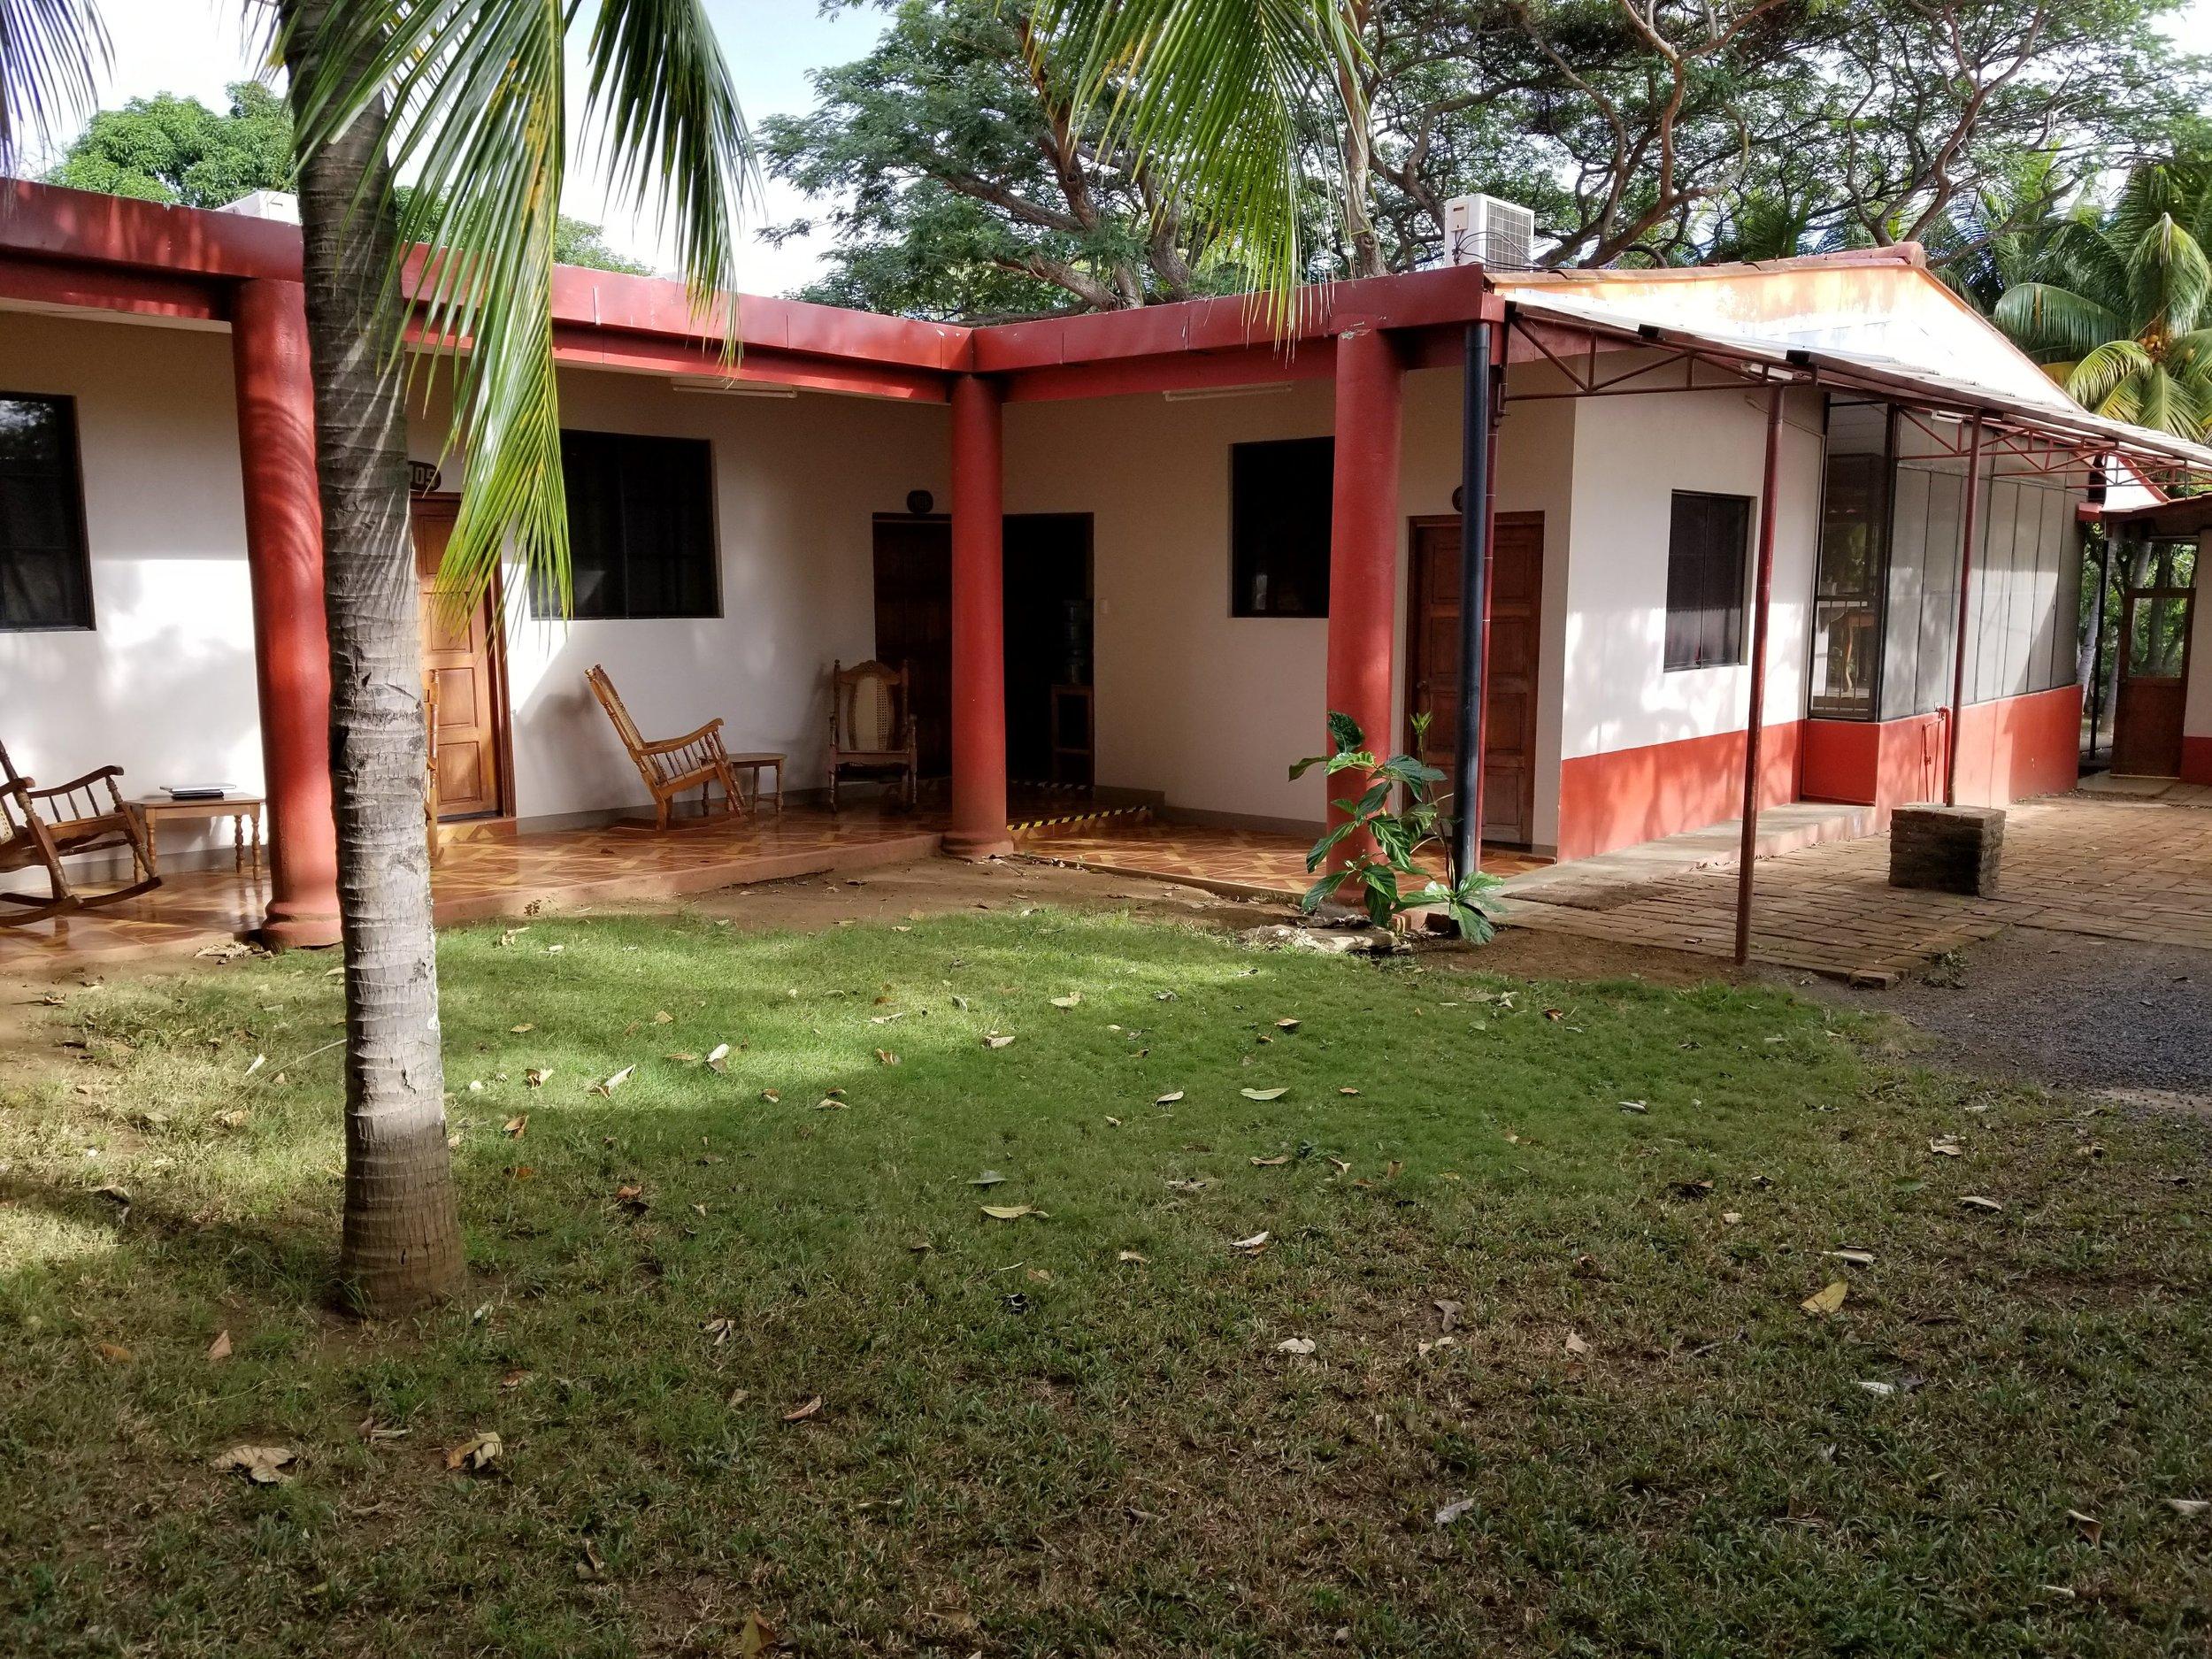 Students International Base Facility, Nindiri